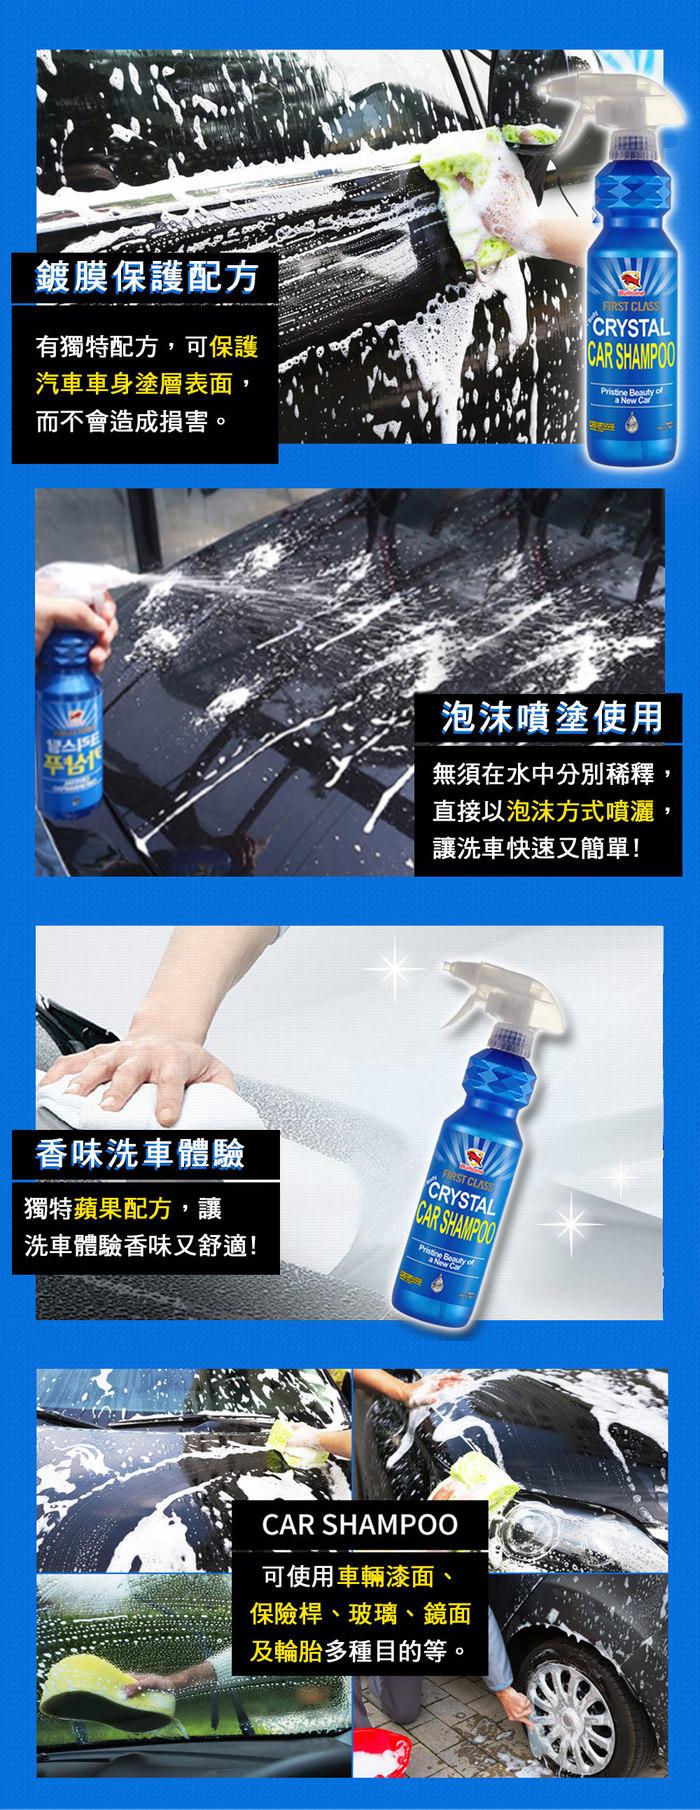 勁牛王 | Bullsone Crystal水晶洗車精 (步驟 1)